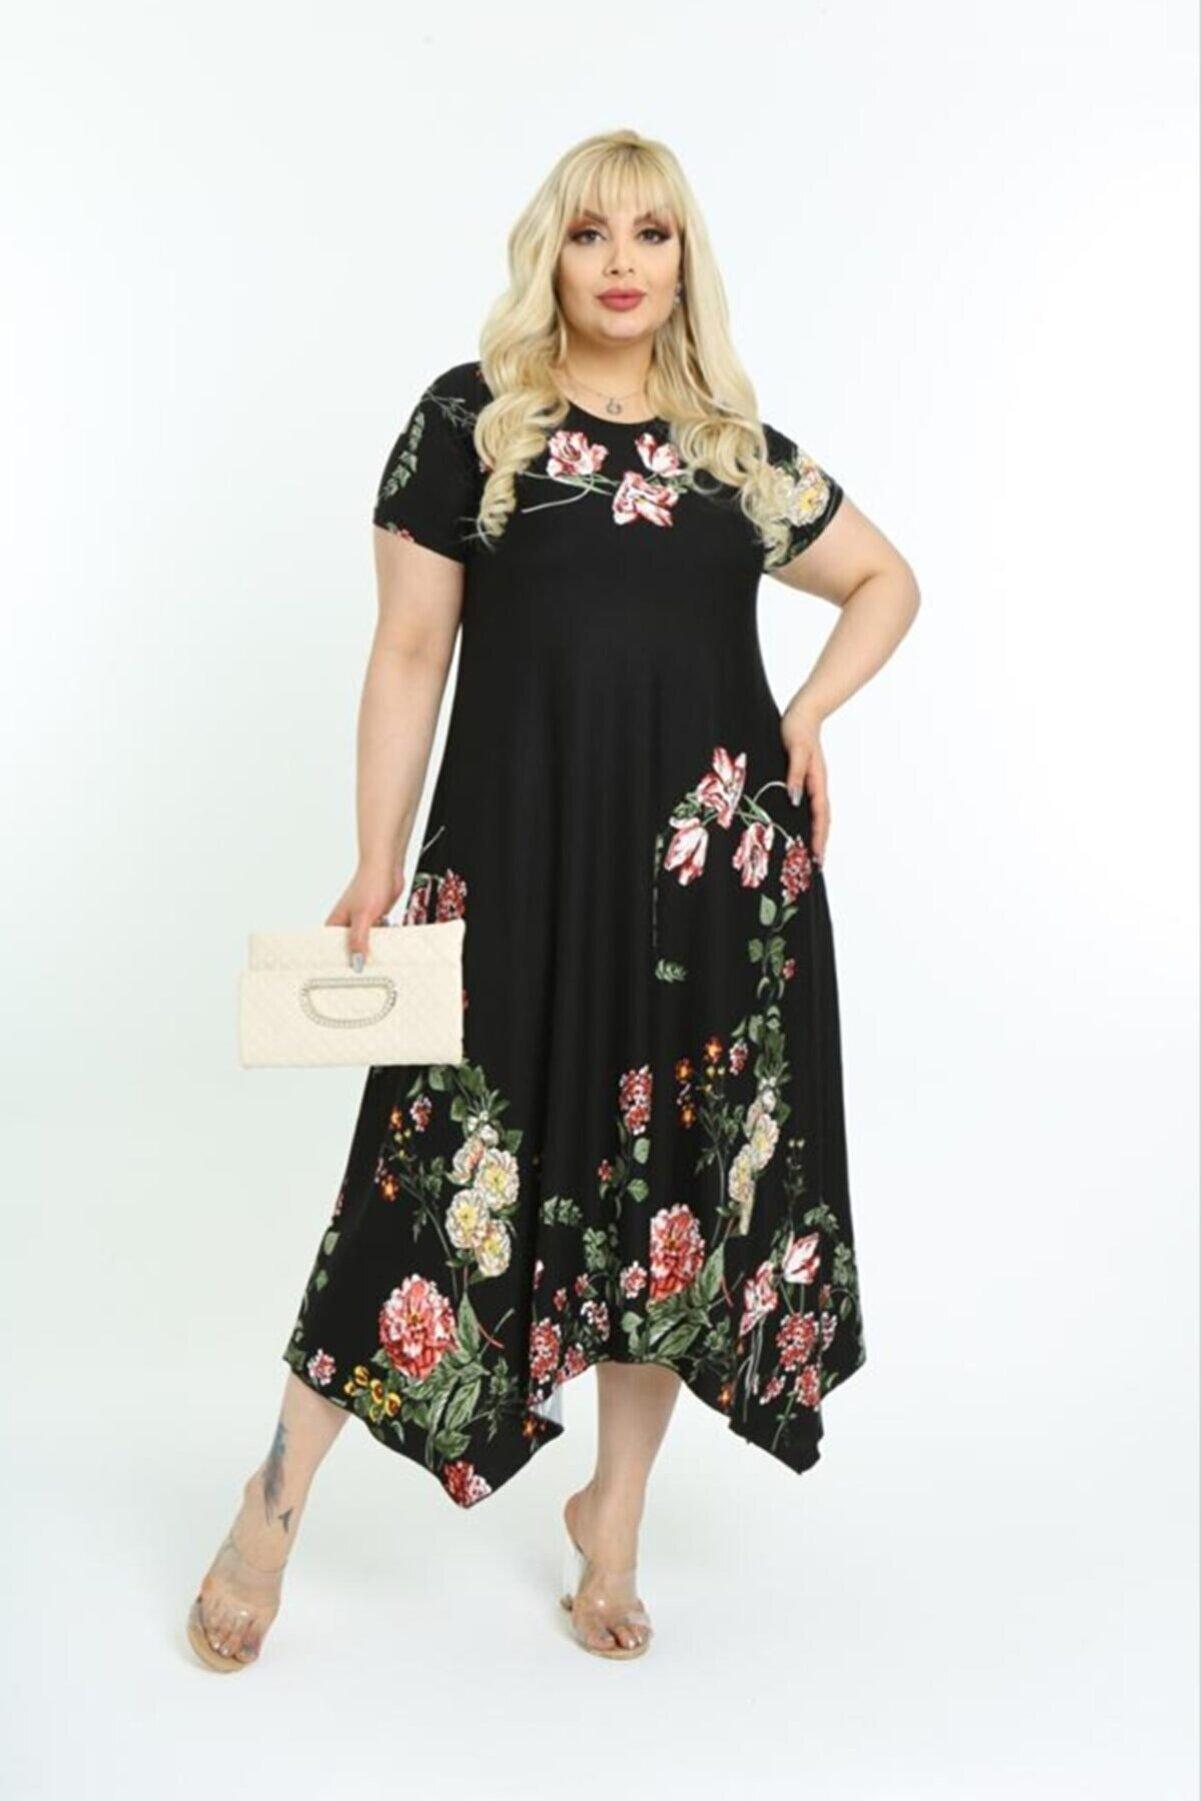 HERAXL Kadın Siyah Asimetrik Kesim Çiçek Desenli Büyük Beden Elbise